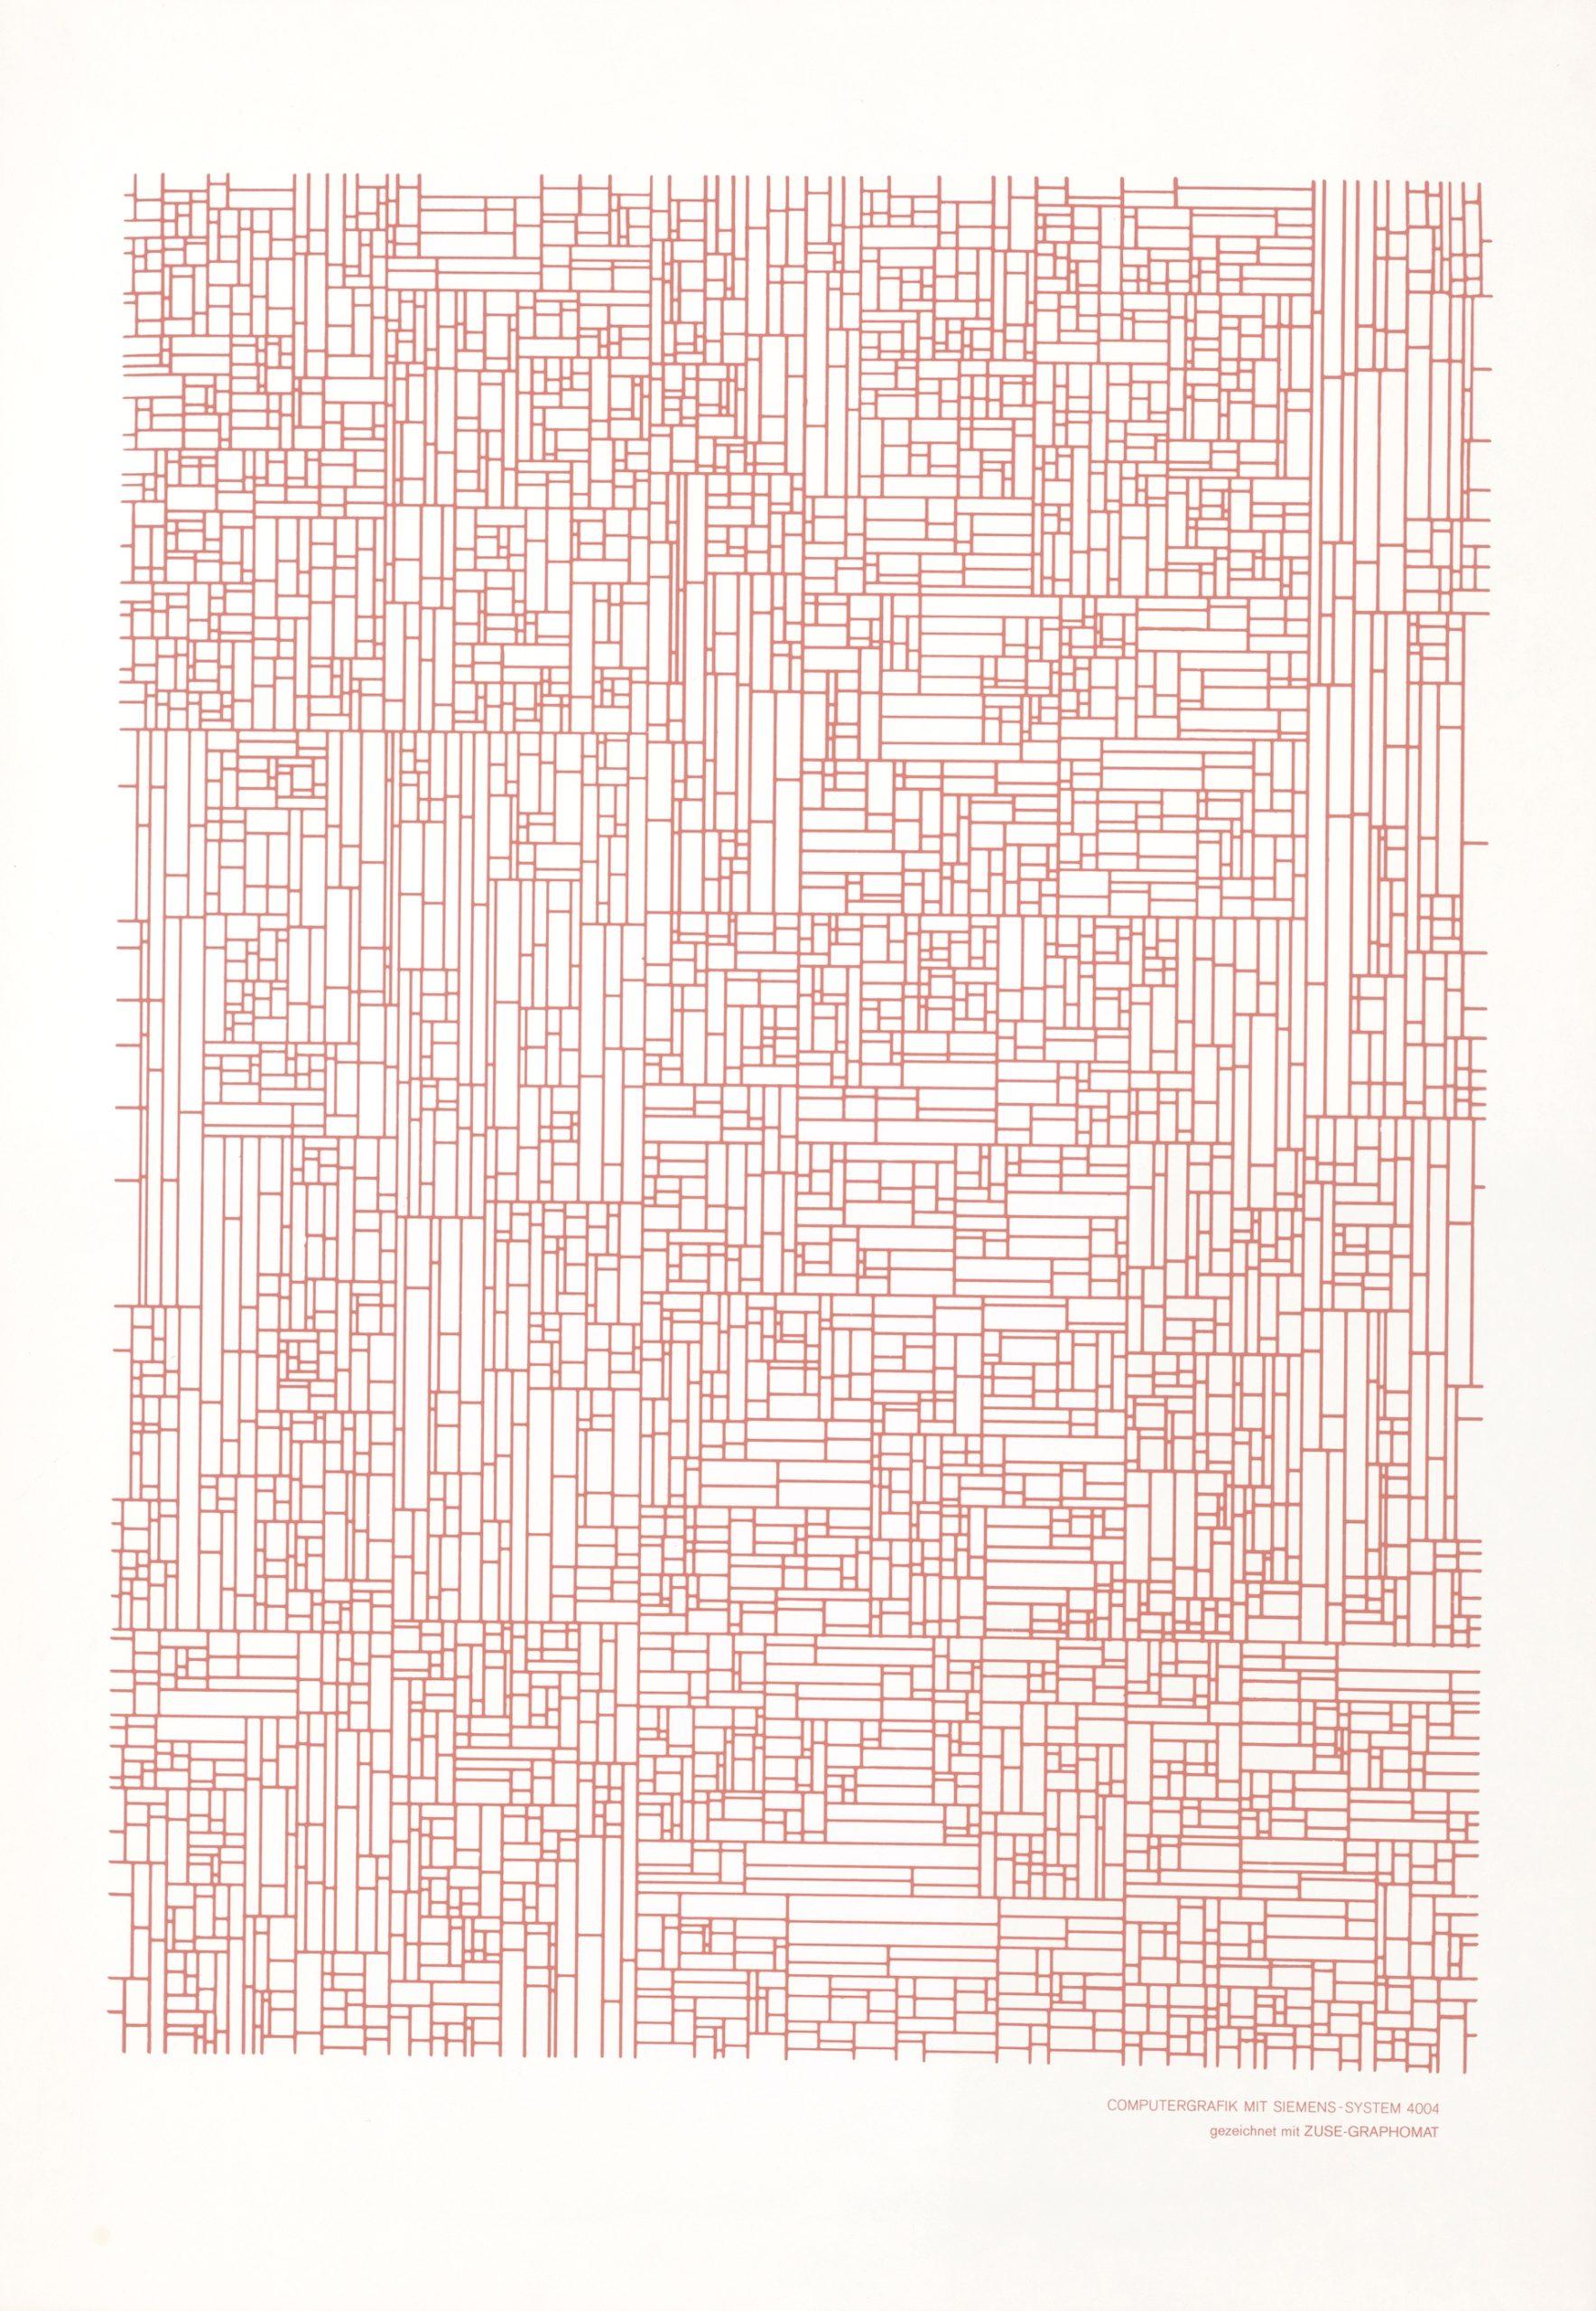 Georg Nees, ohne Titel, Siebdruck, 70 x 100 cm (Blattgröße), unlimitiert, 1965, Preis: 1 800 Euro (P)